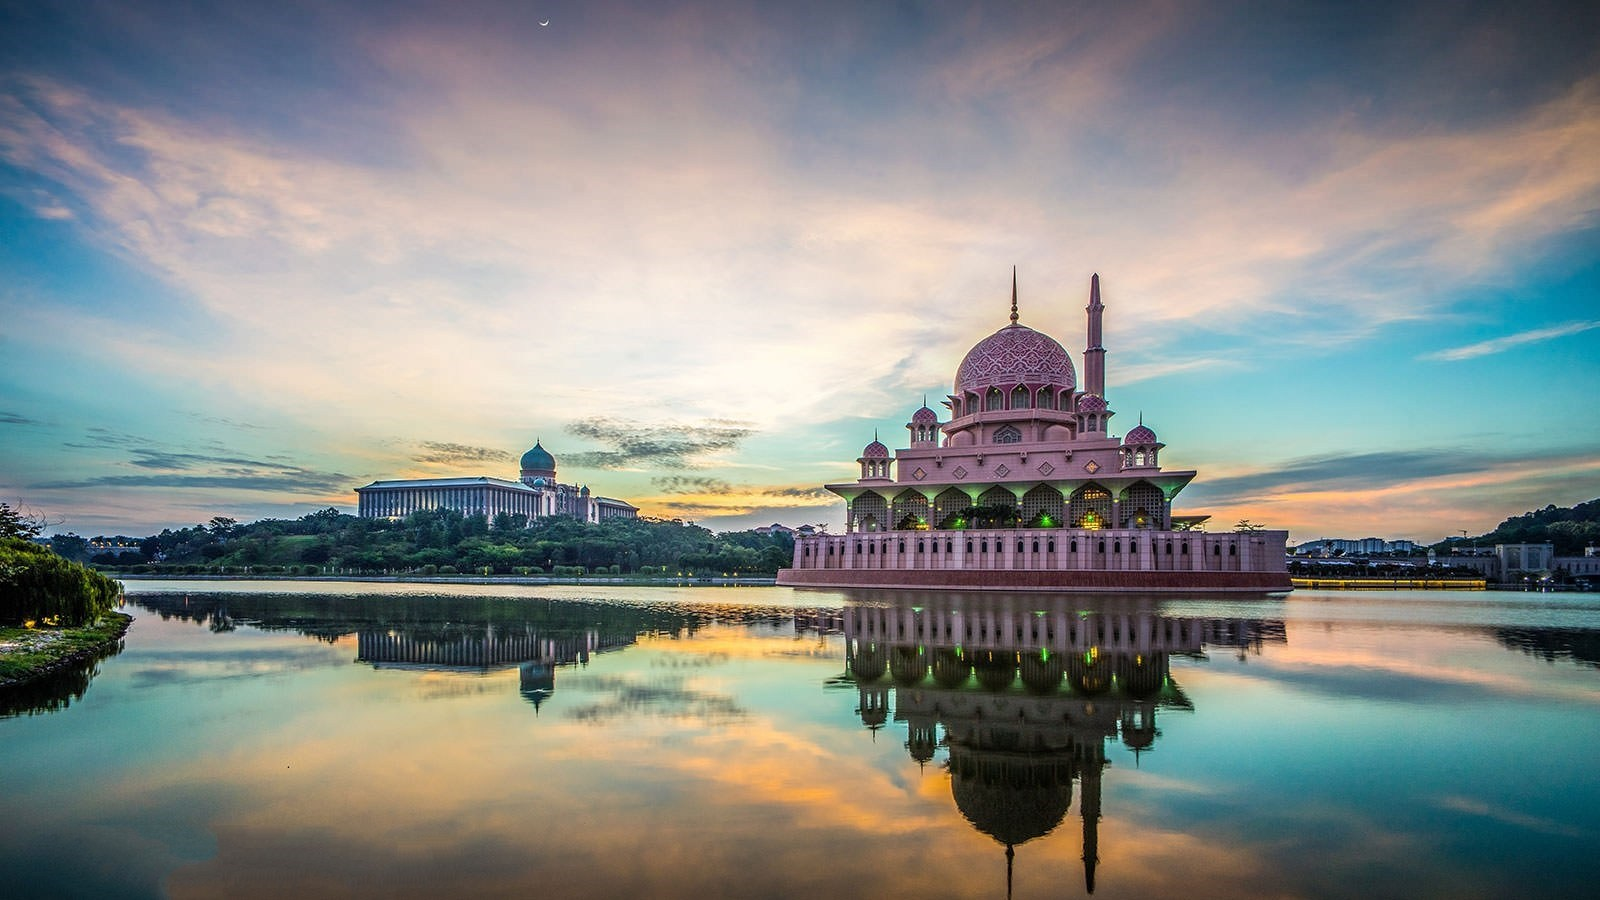 Hình đại điện của danh mục Putrajaya